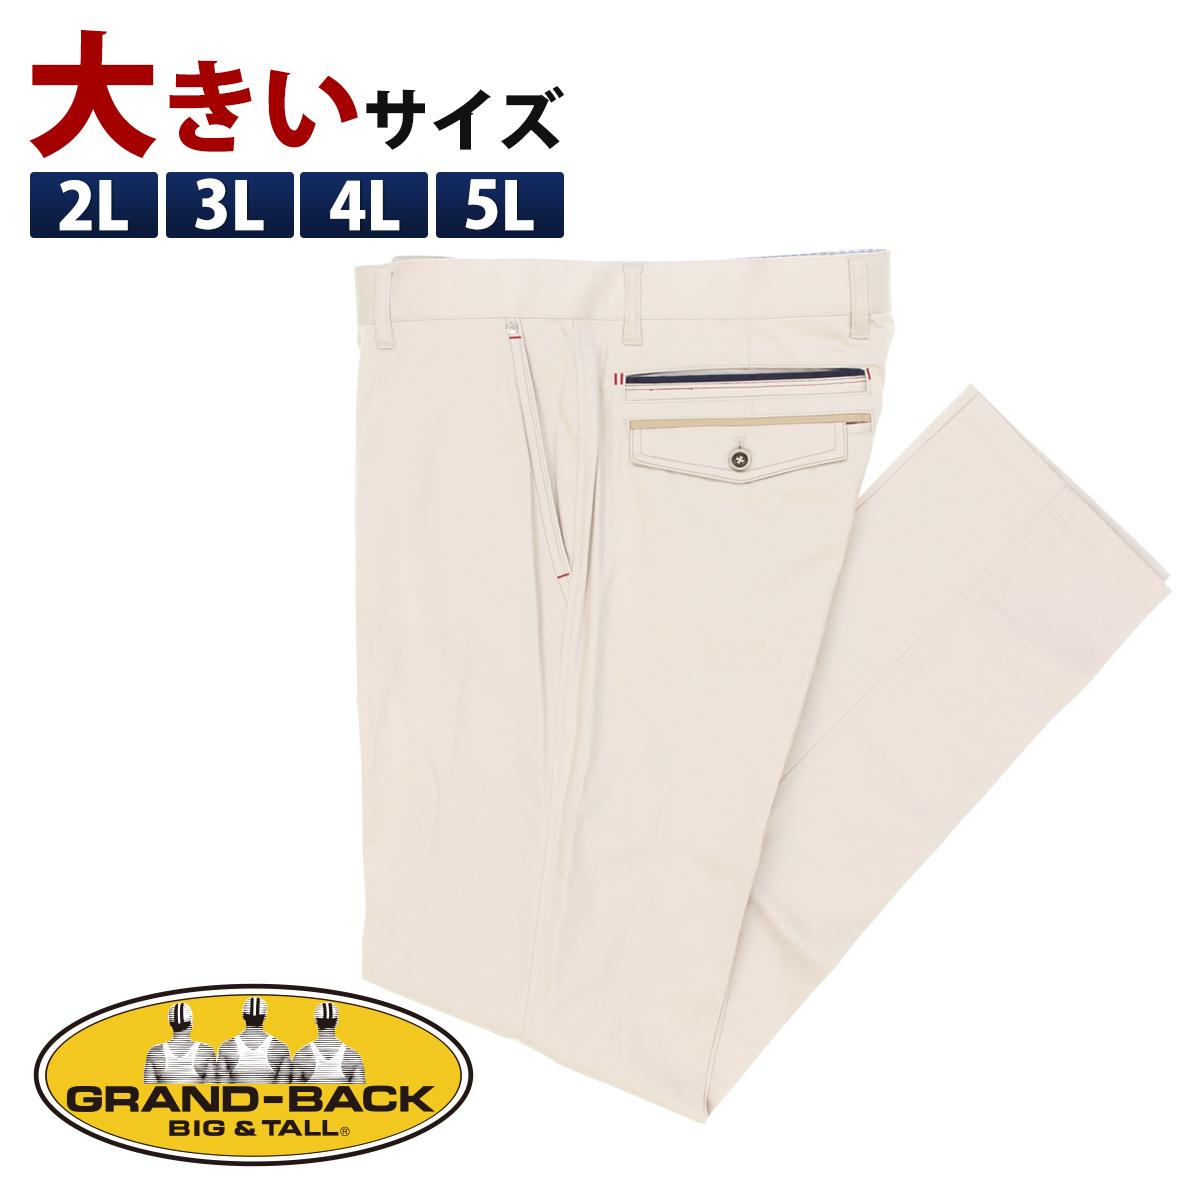 【大きいサイズ・メンズ】バジエ/VAGIIE 綿サテンストレッチパンツ  グランバック 大きいサイズ